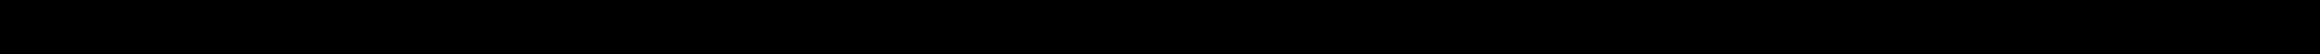 DENSO 0 032 137, 0 032 138, 0 035 915, 12 12 0 032 137, 12 12 0 032 138 Uždegimo žvakė